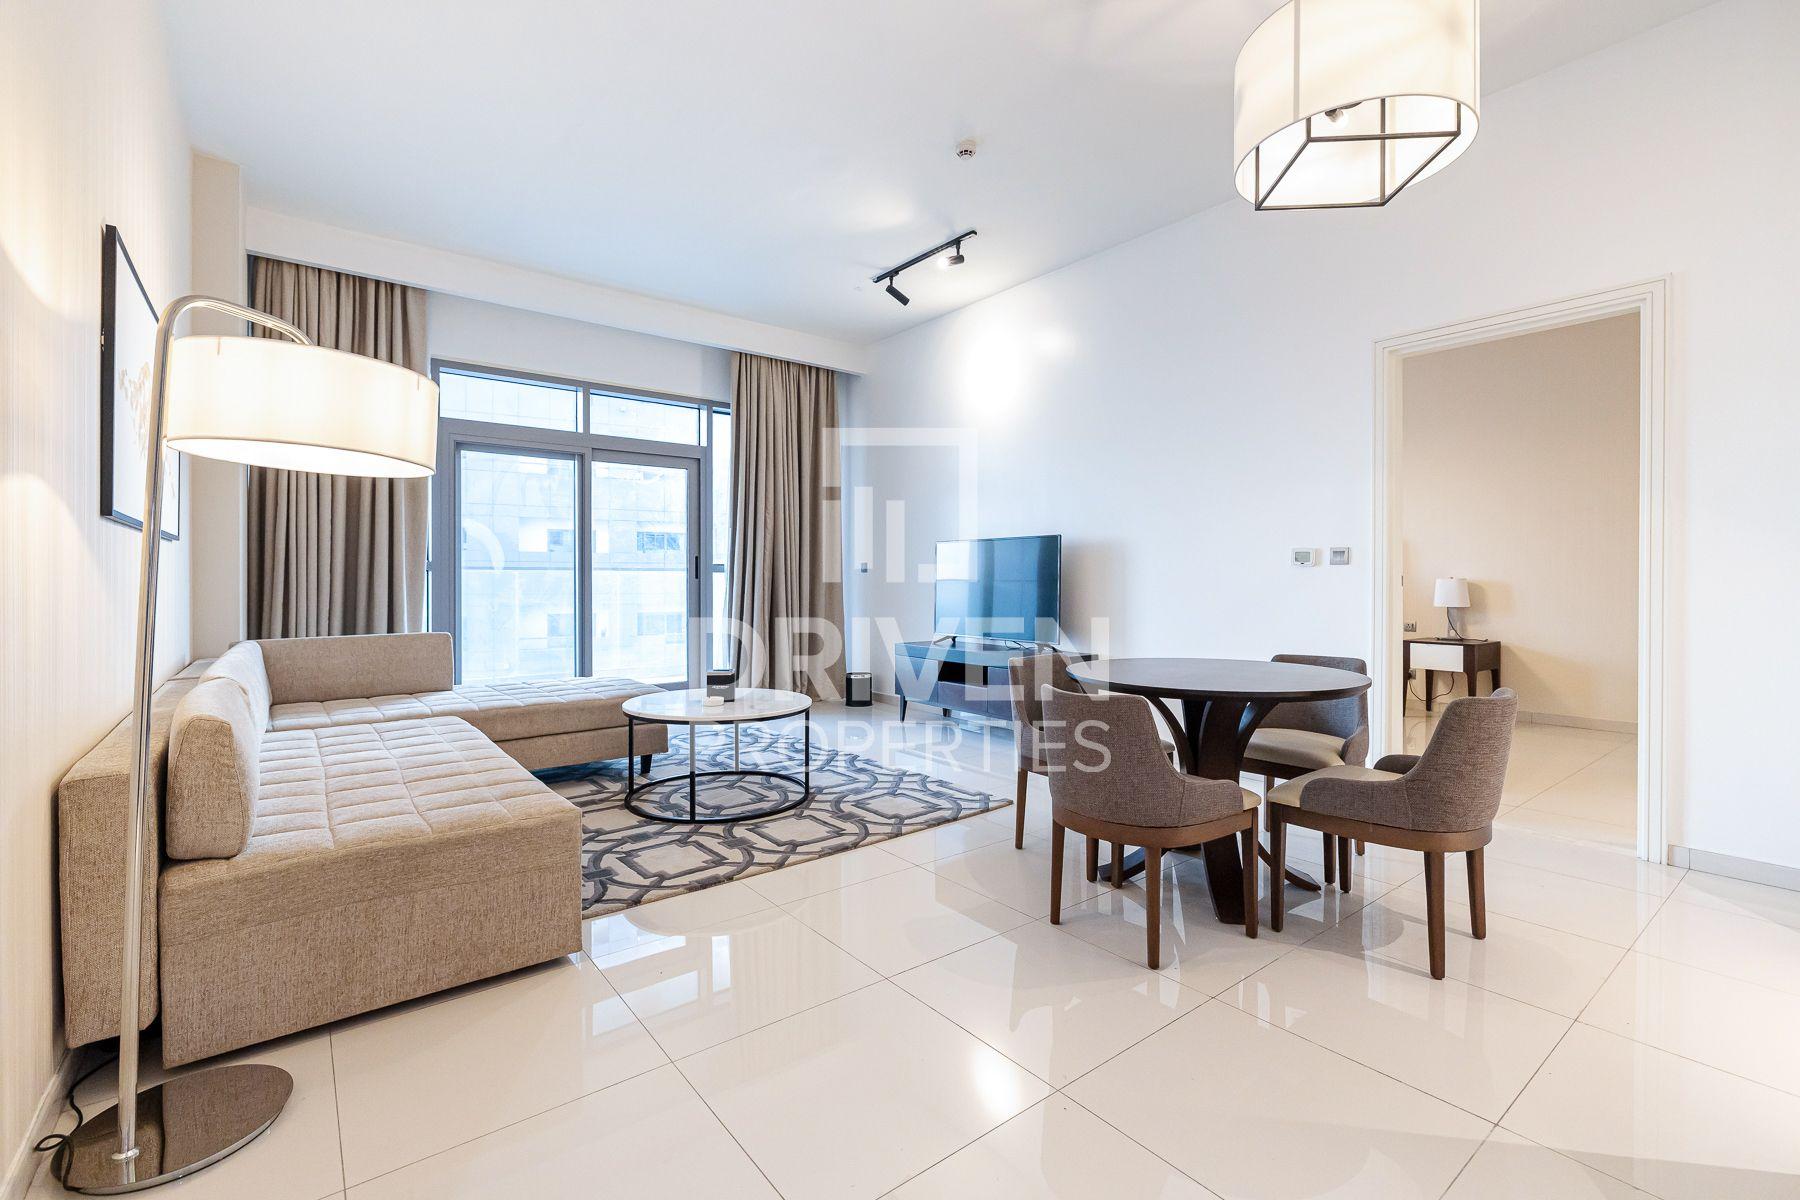 929 قدم مربع  شقة - للبيع - الخليج التجاري